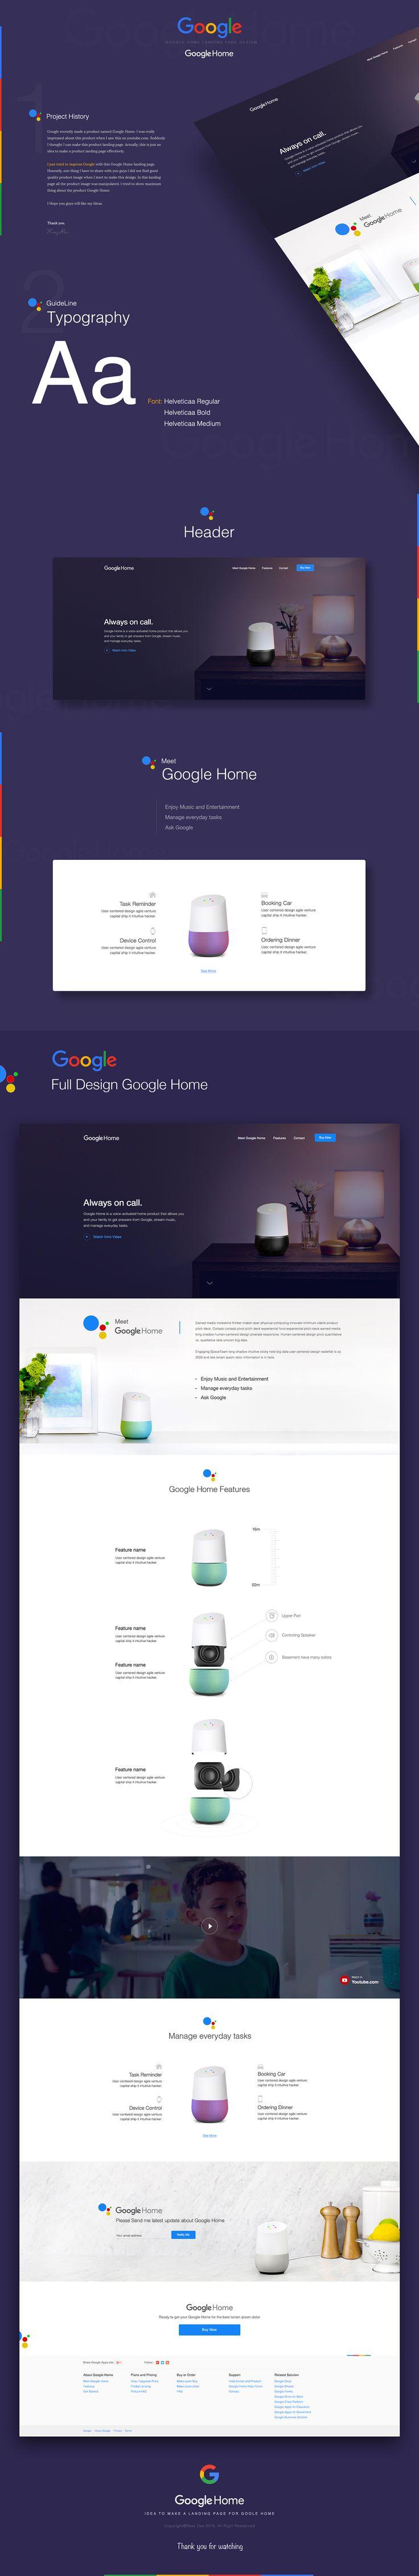 https://www.behance.net/gallery/37707083/Google-Home-Landing-Page